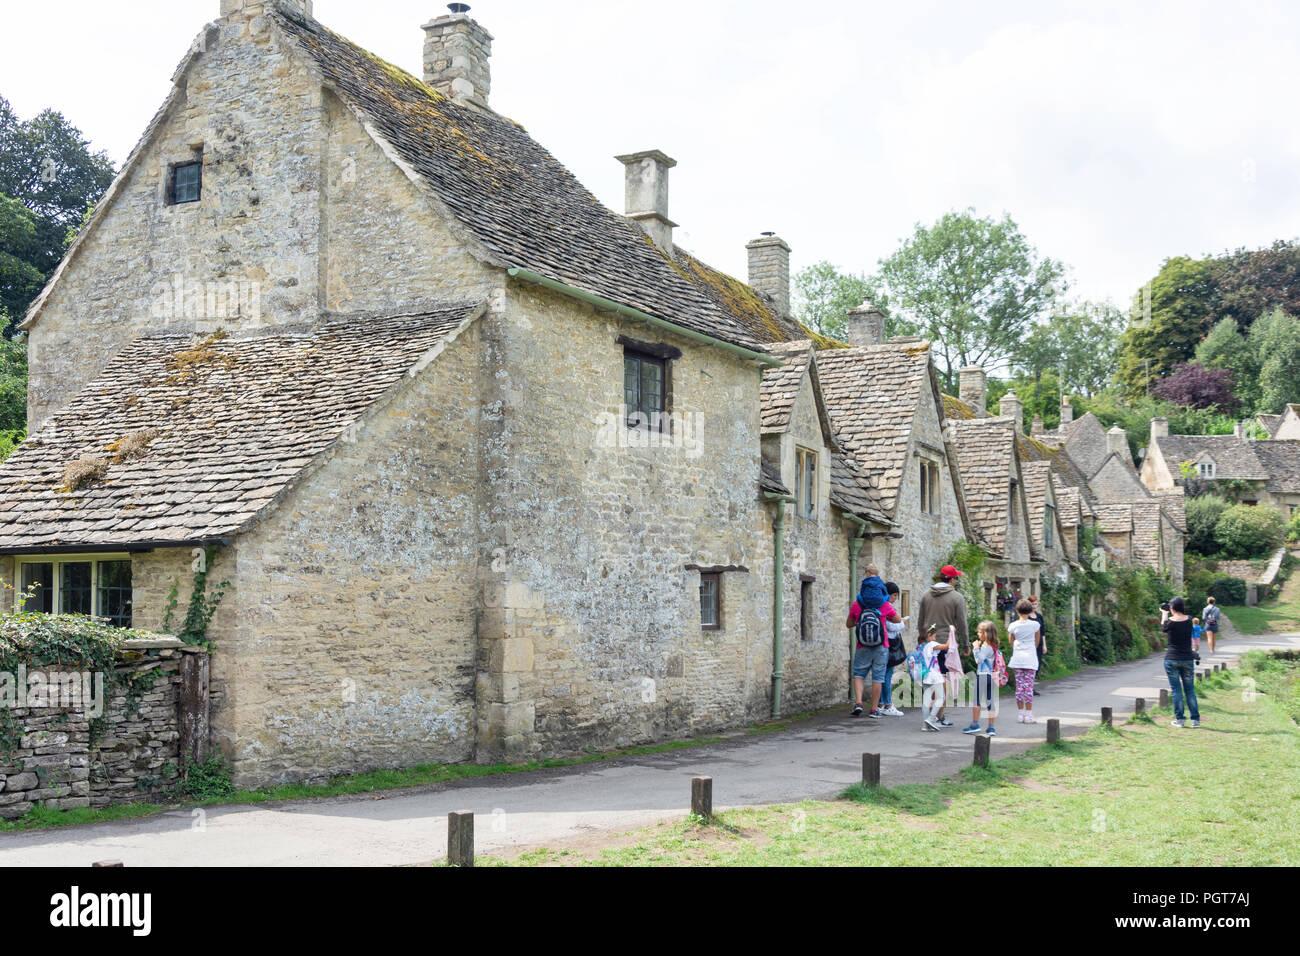 Cotswold stone cottages, Arlington Row, Bibury, Gloucestershire, England, United Kingdom - Stock Image